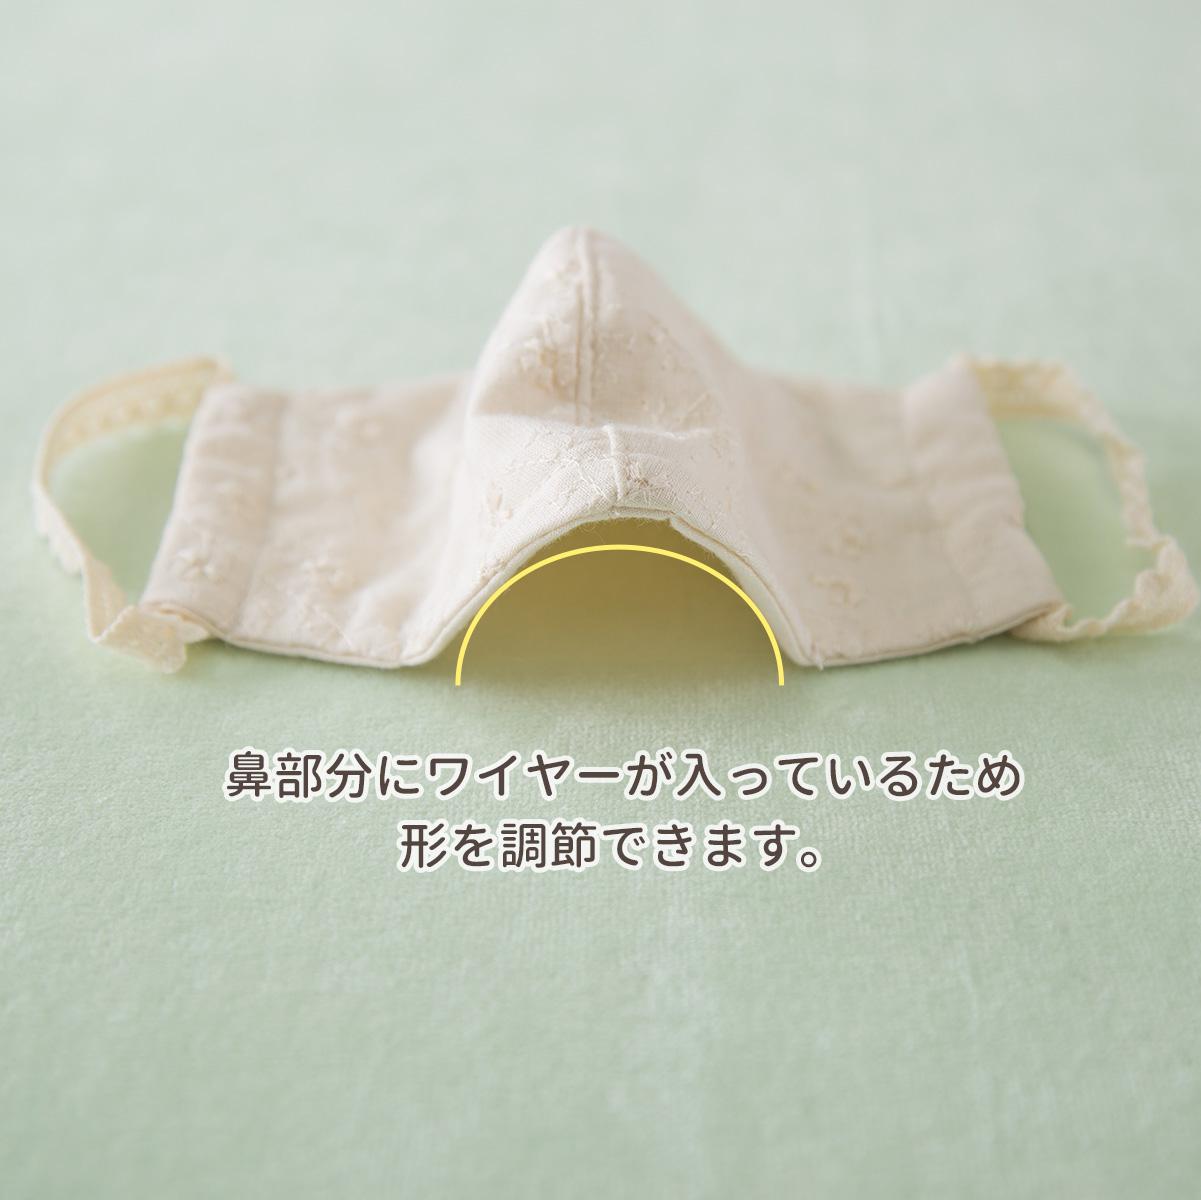 【大人用】ワイヤーあり/オーガニックコットン花柄刺しゅうガーゼマスク(バラ/デイジー) HH1629/HH1630 (衛生用品)